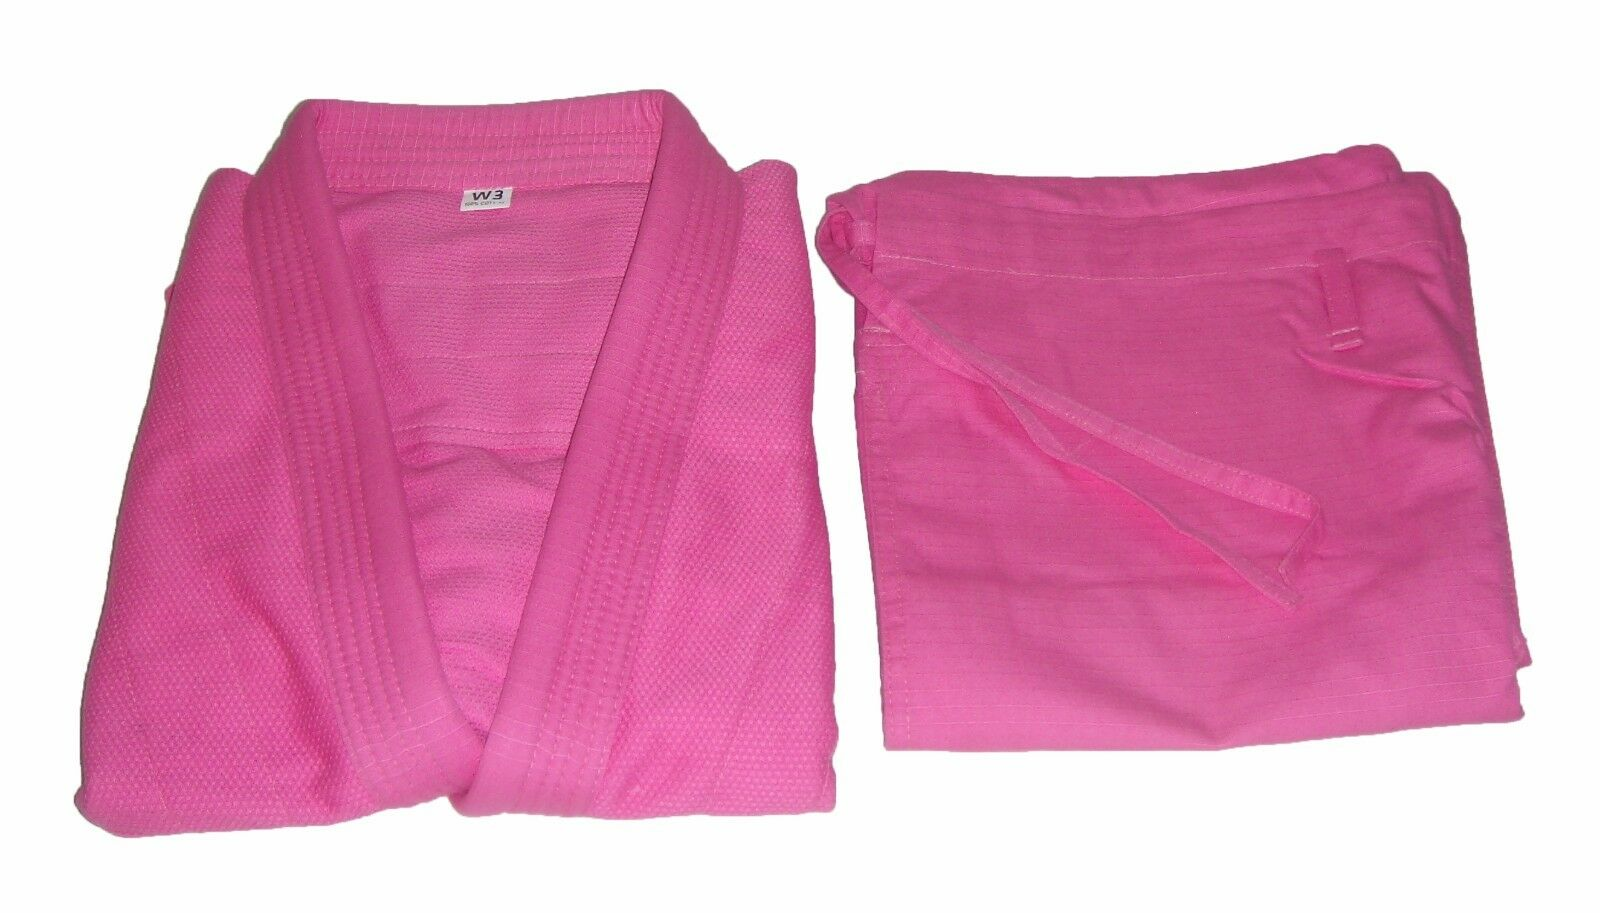 Brazilian  Jiu Jitsu Gi for Womens - PINK Pearl Weave PreShrunk  FREE SHIPPING   cheapest